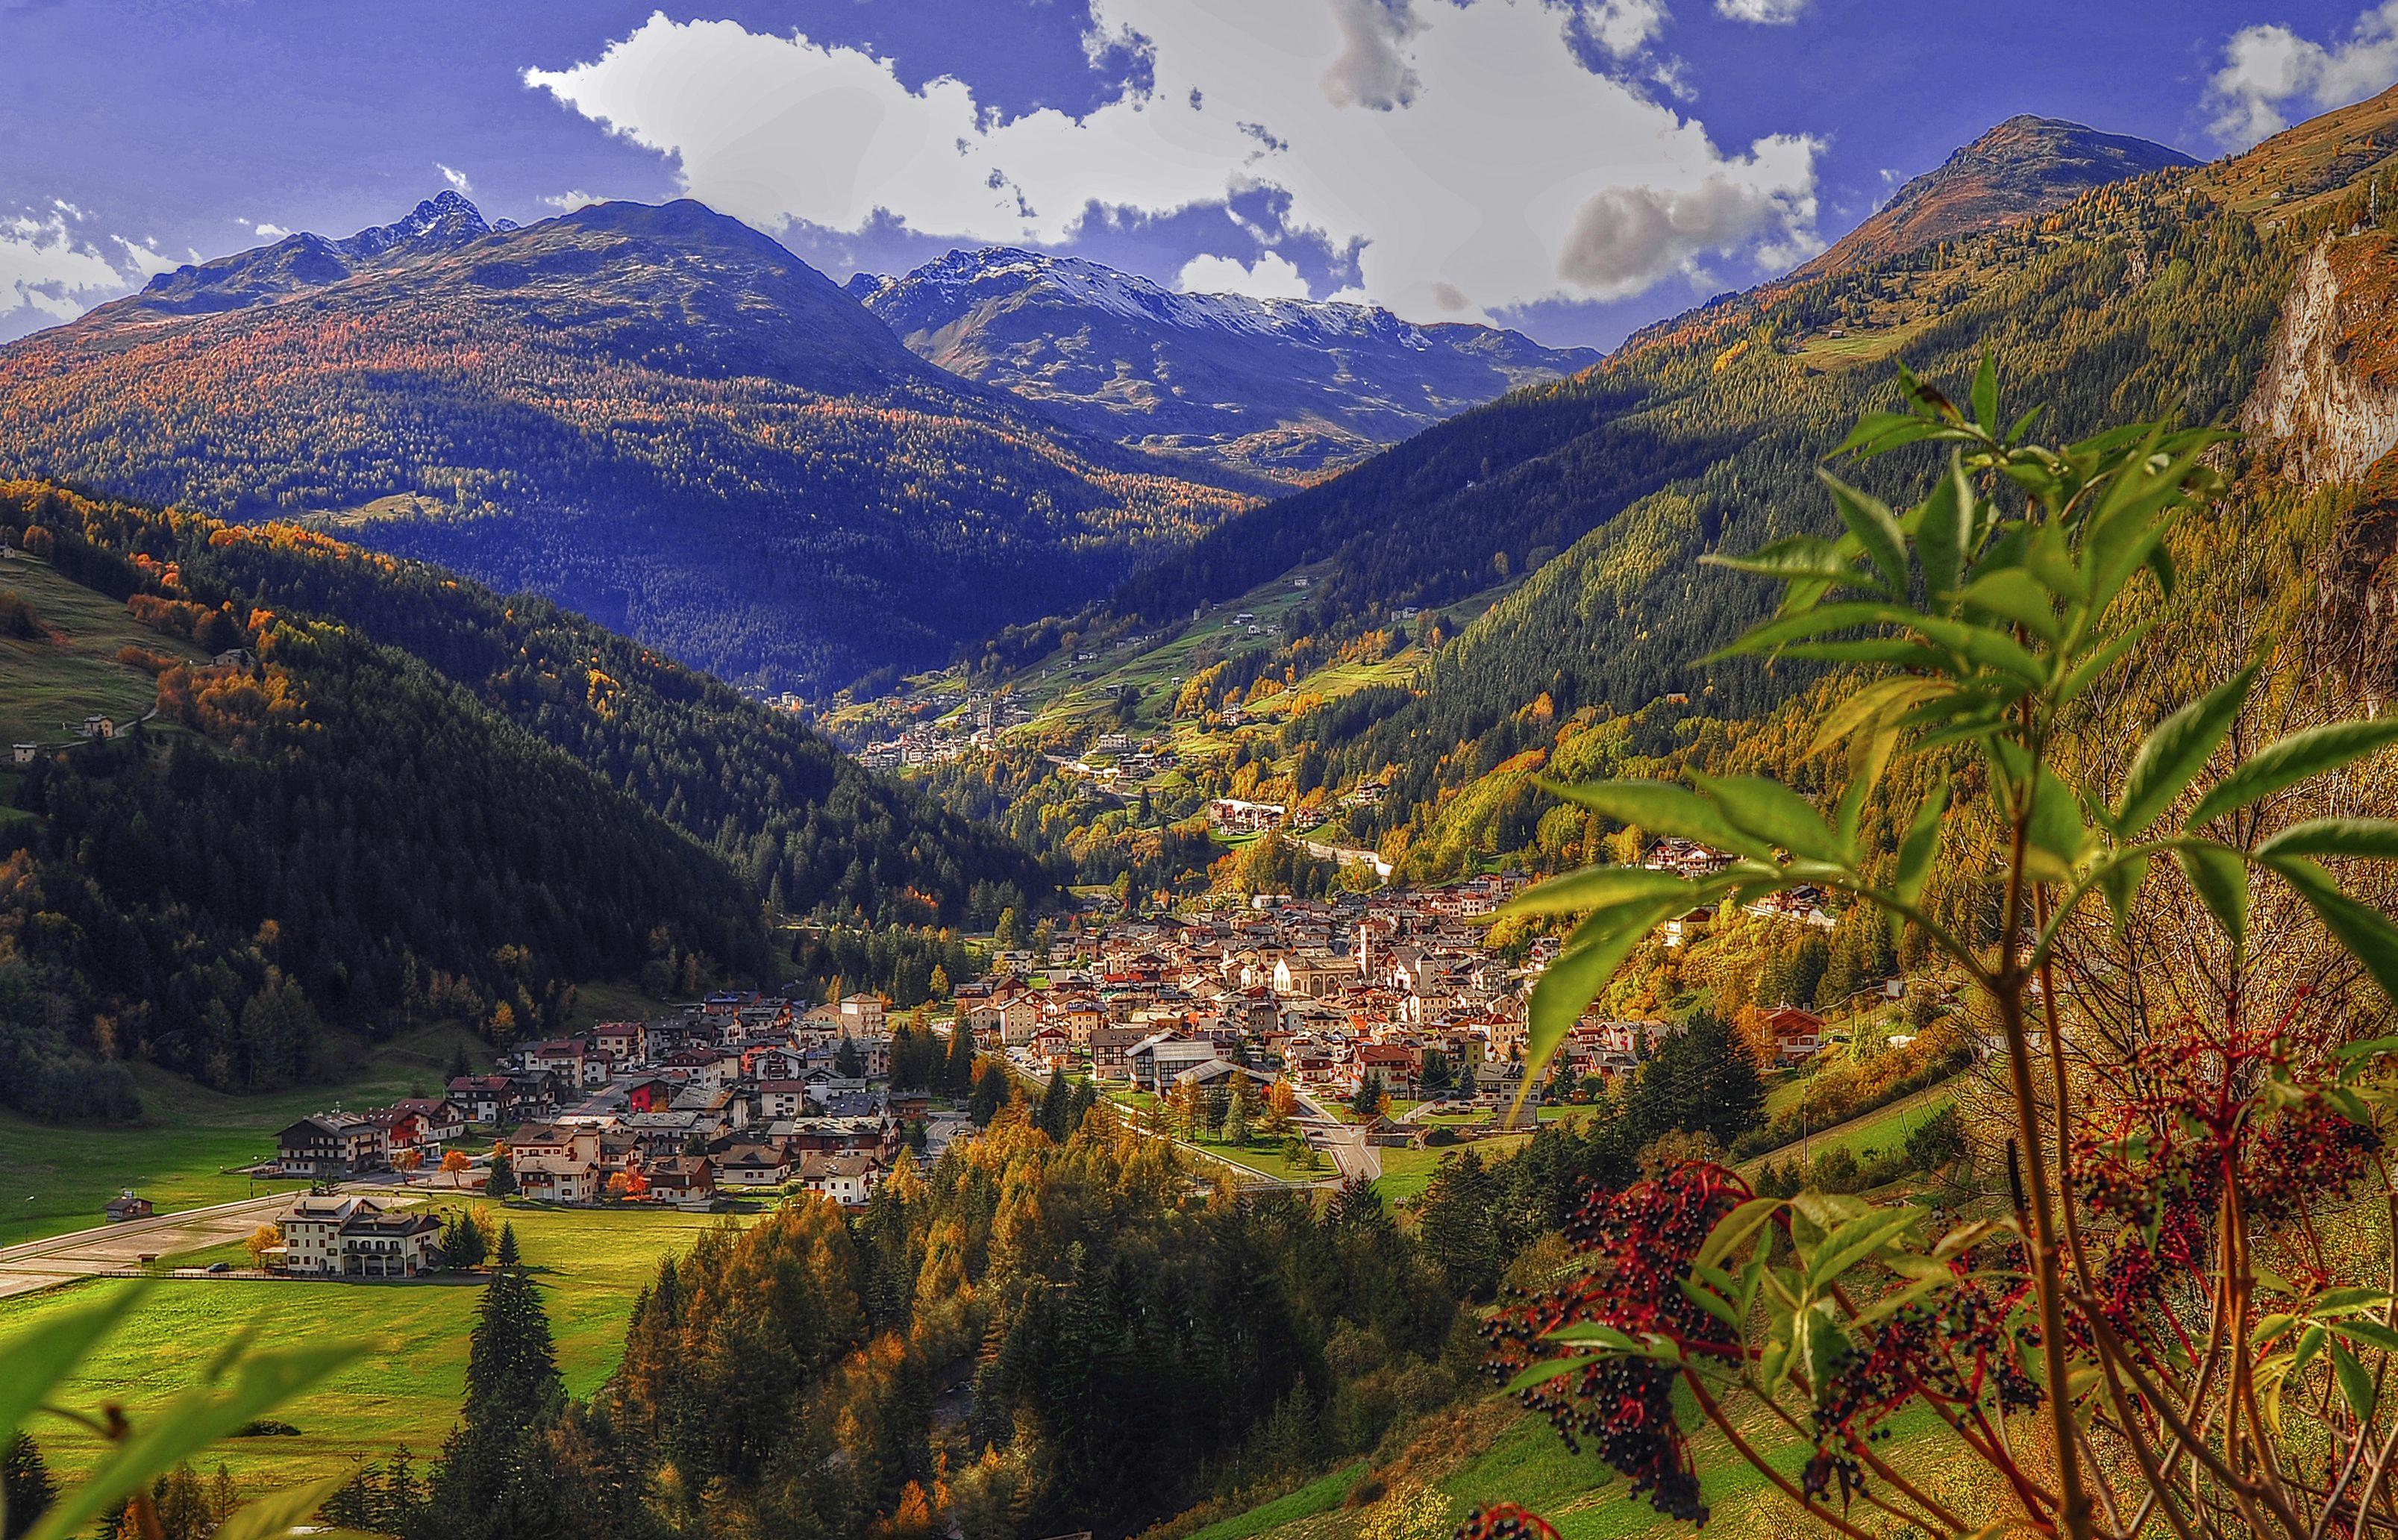 Perfect view of Valdidentro. #landscape #picturesque #sun  #Valdidentro #nature